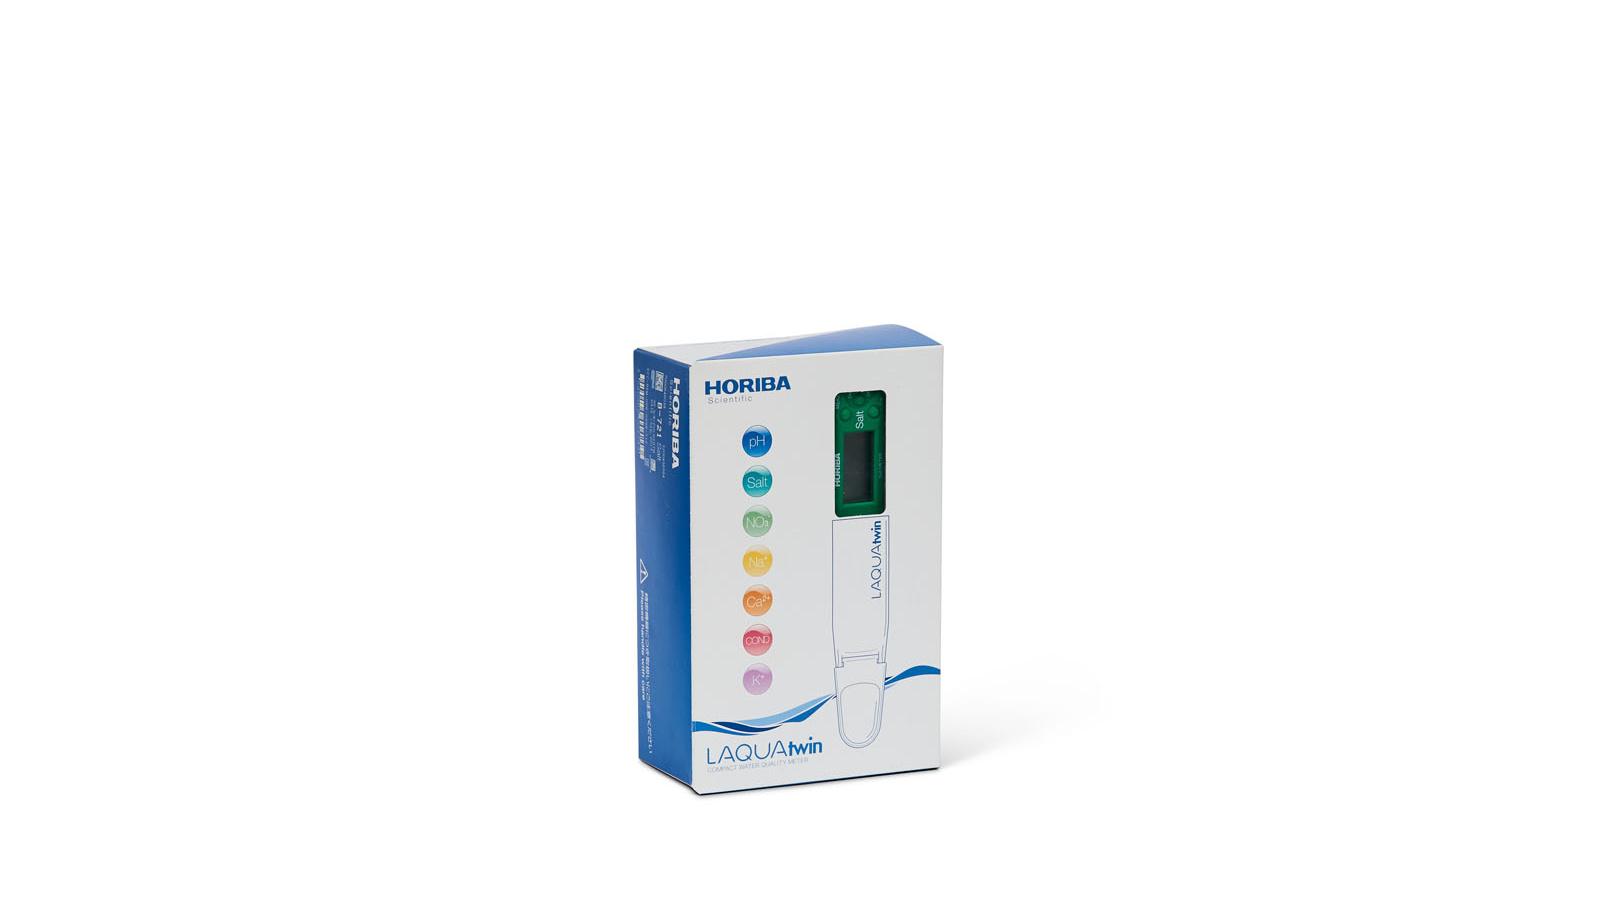 LAQUAtwin pH meter